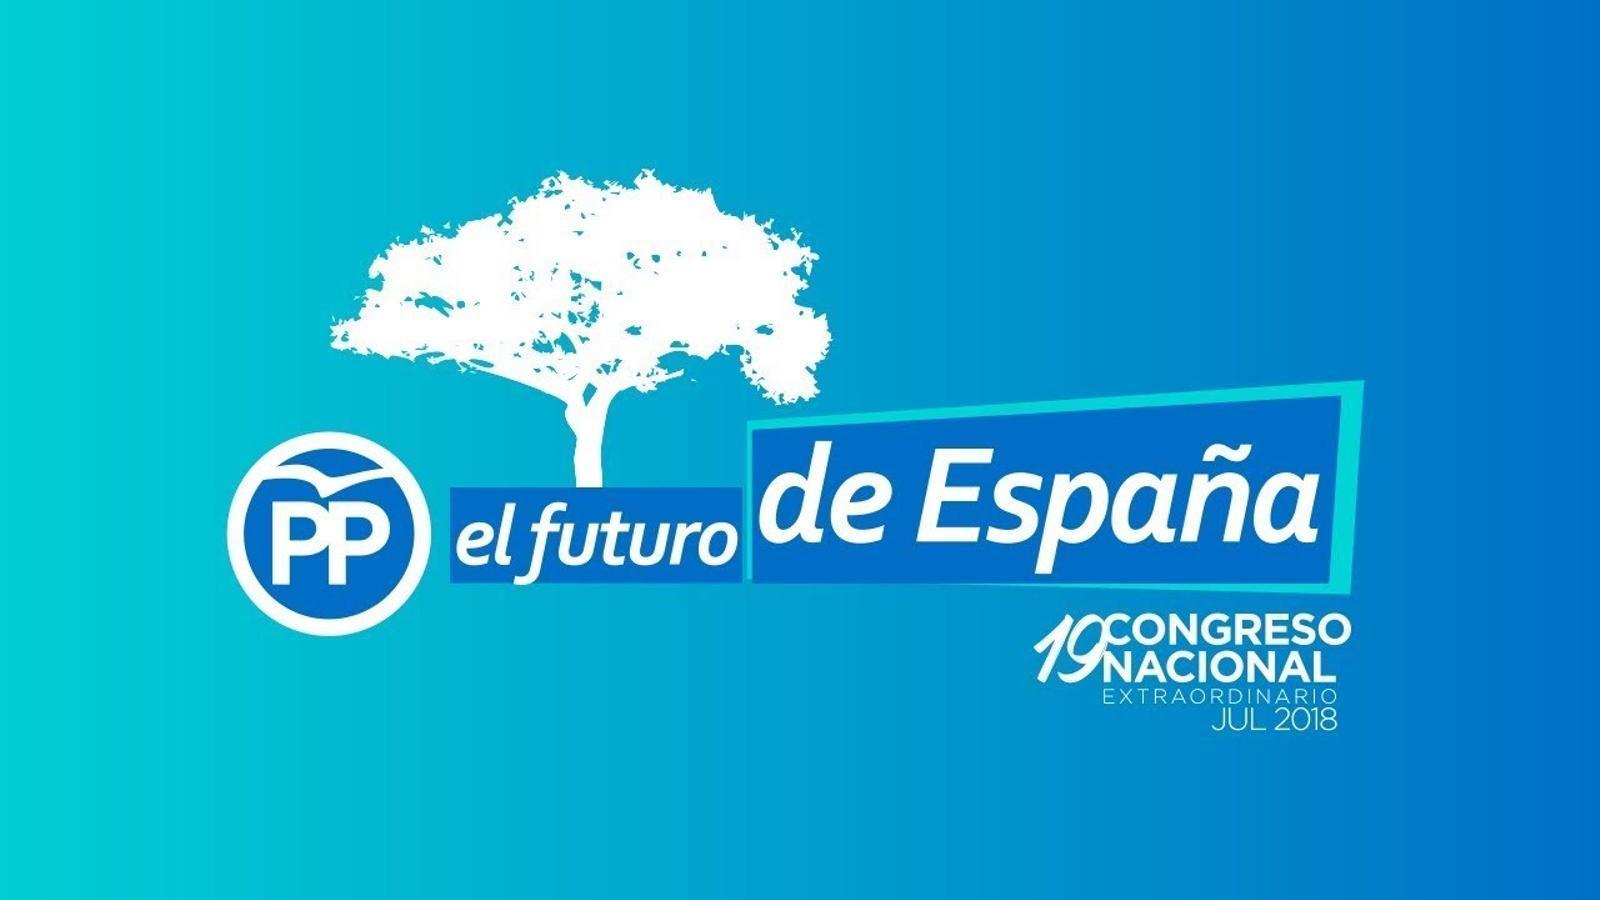 19è Congrés del PP